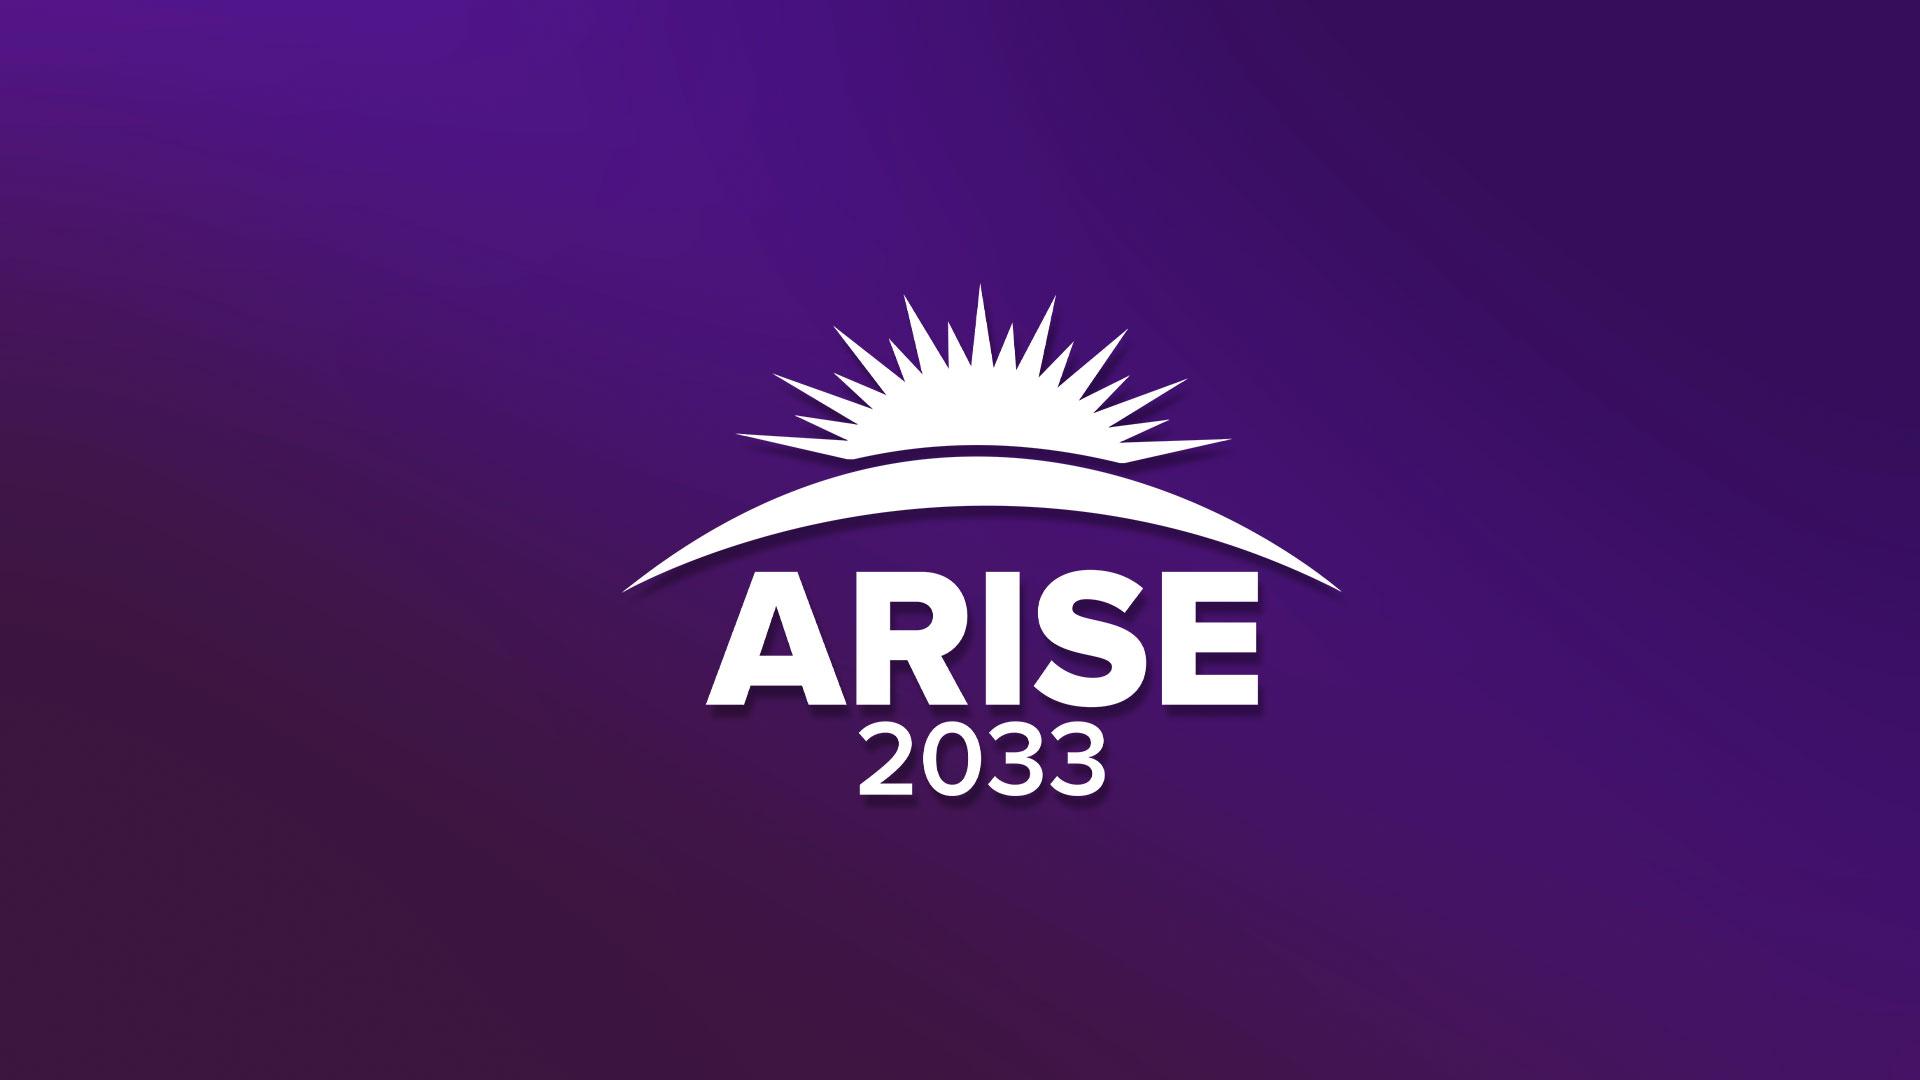 Arise 2033